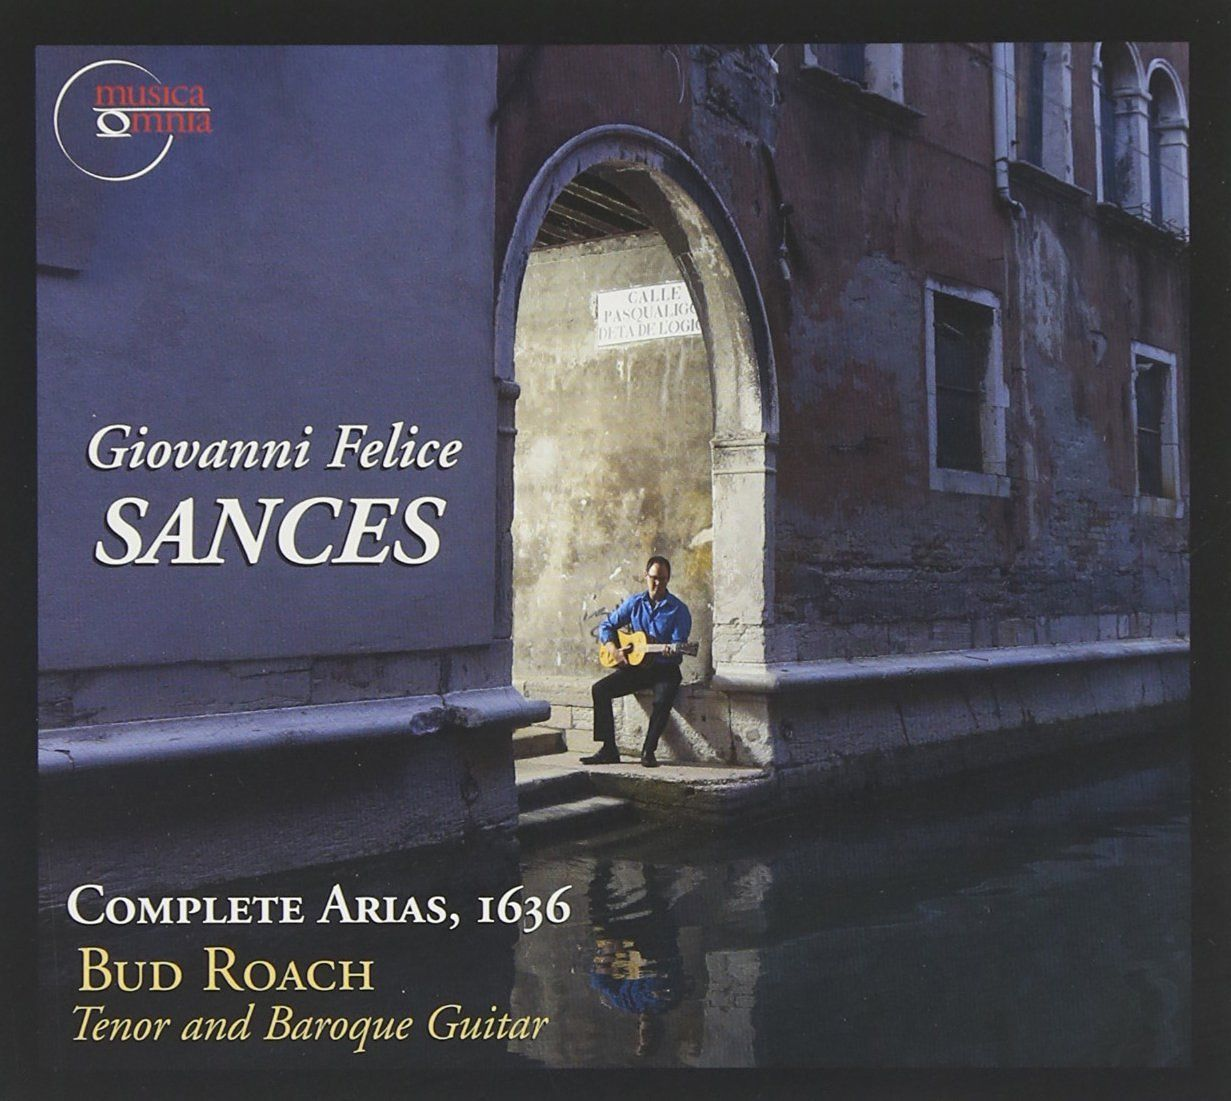 Bud Roach - GIOVANNI FELICE SANCES